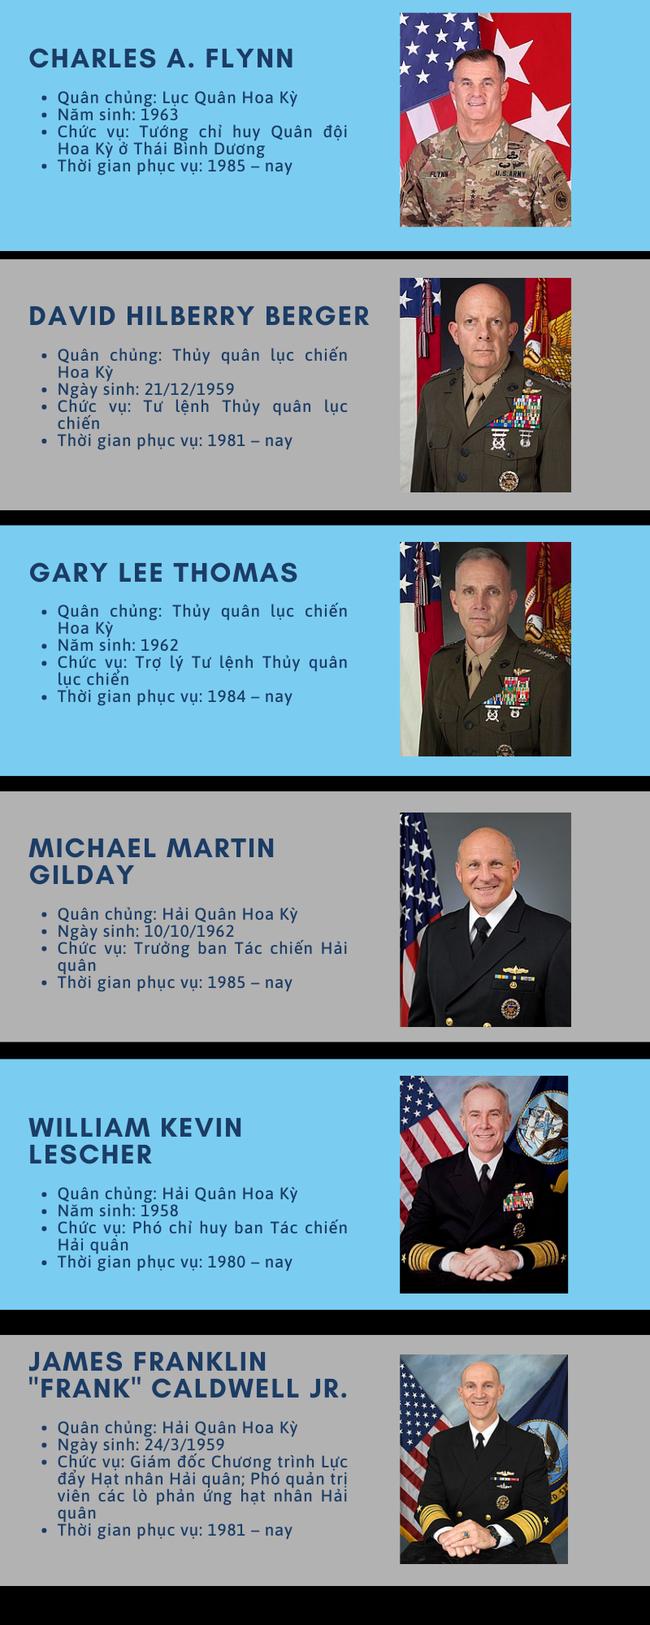 43 vị tướng 4 sao của Mỹ hiện nay là ai? - Ảnh 5.